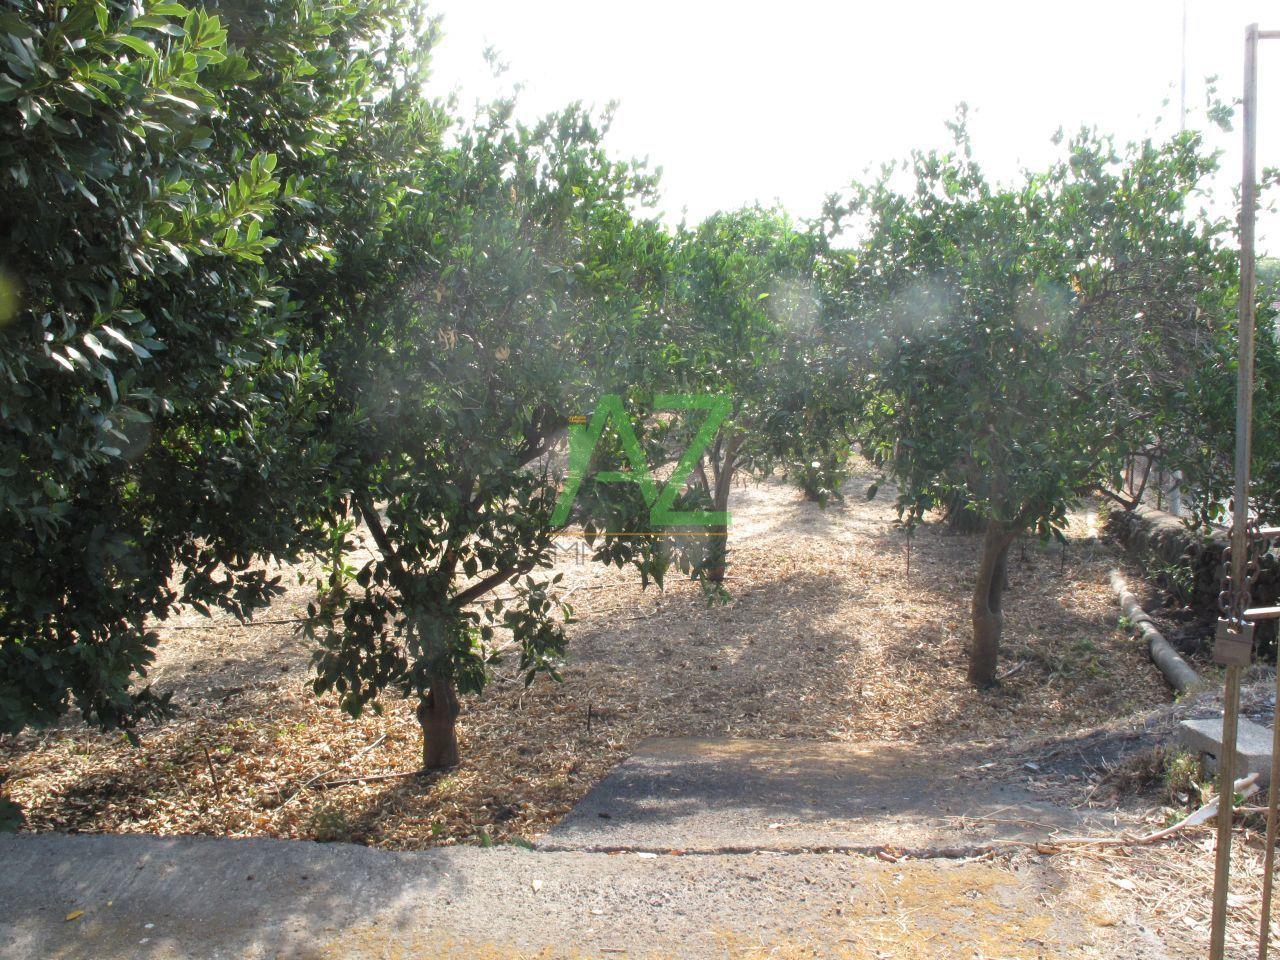 Terreno Agricolo in vendita a Misterbianco, 9999 locali, prezzo € 27.000 | Cambio Casa.it